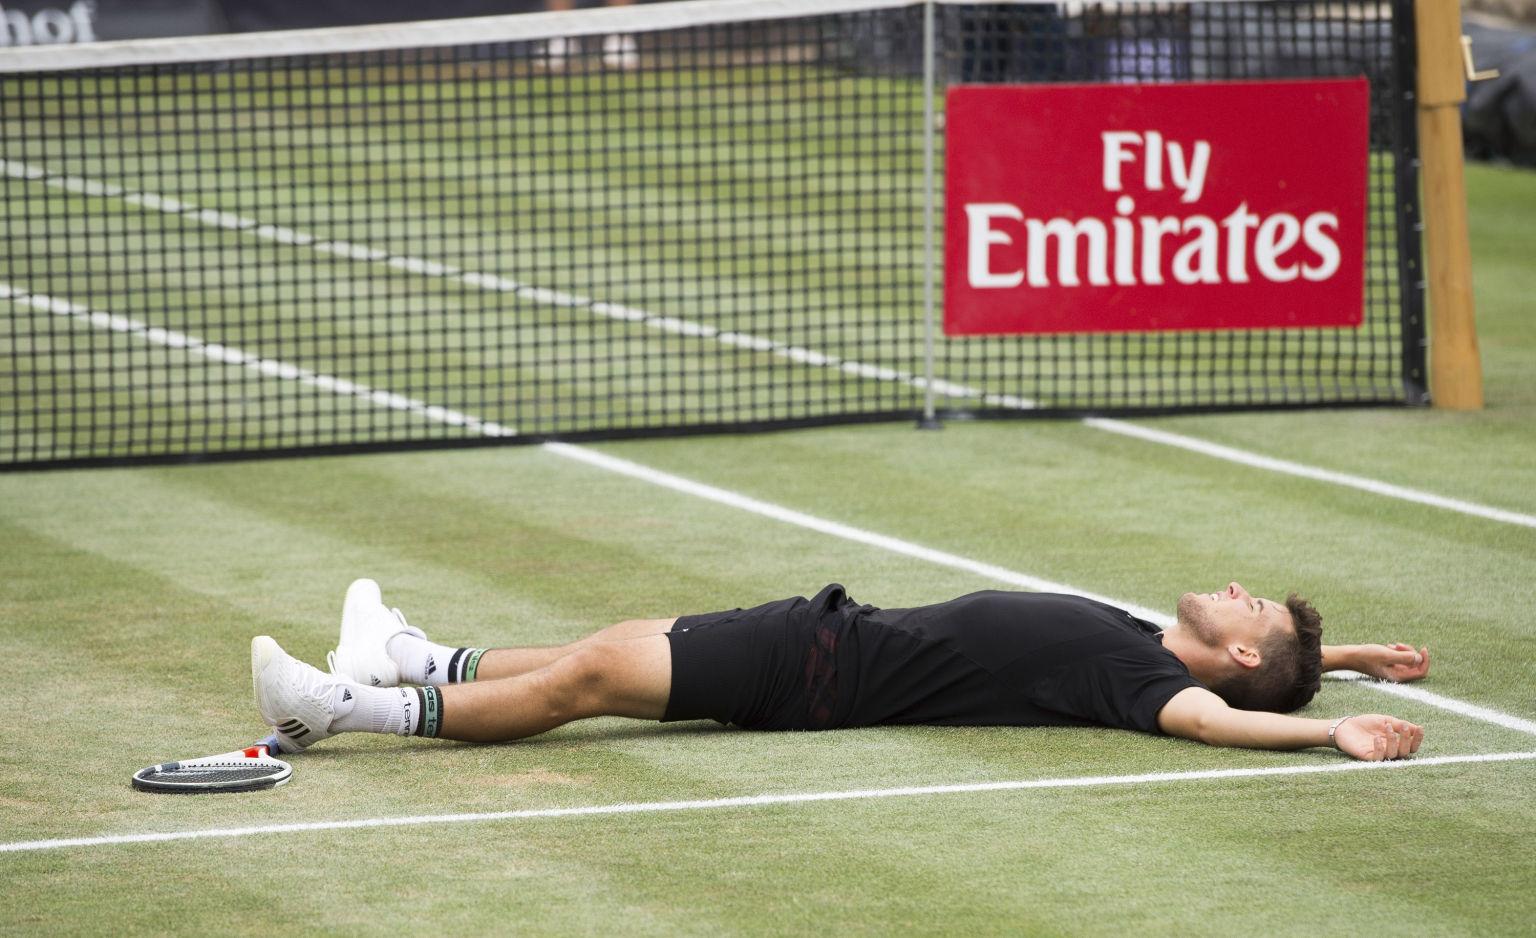 ATP World Tour 250 MercedesCup